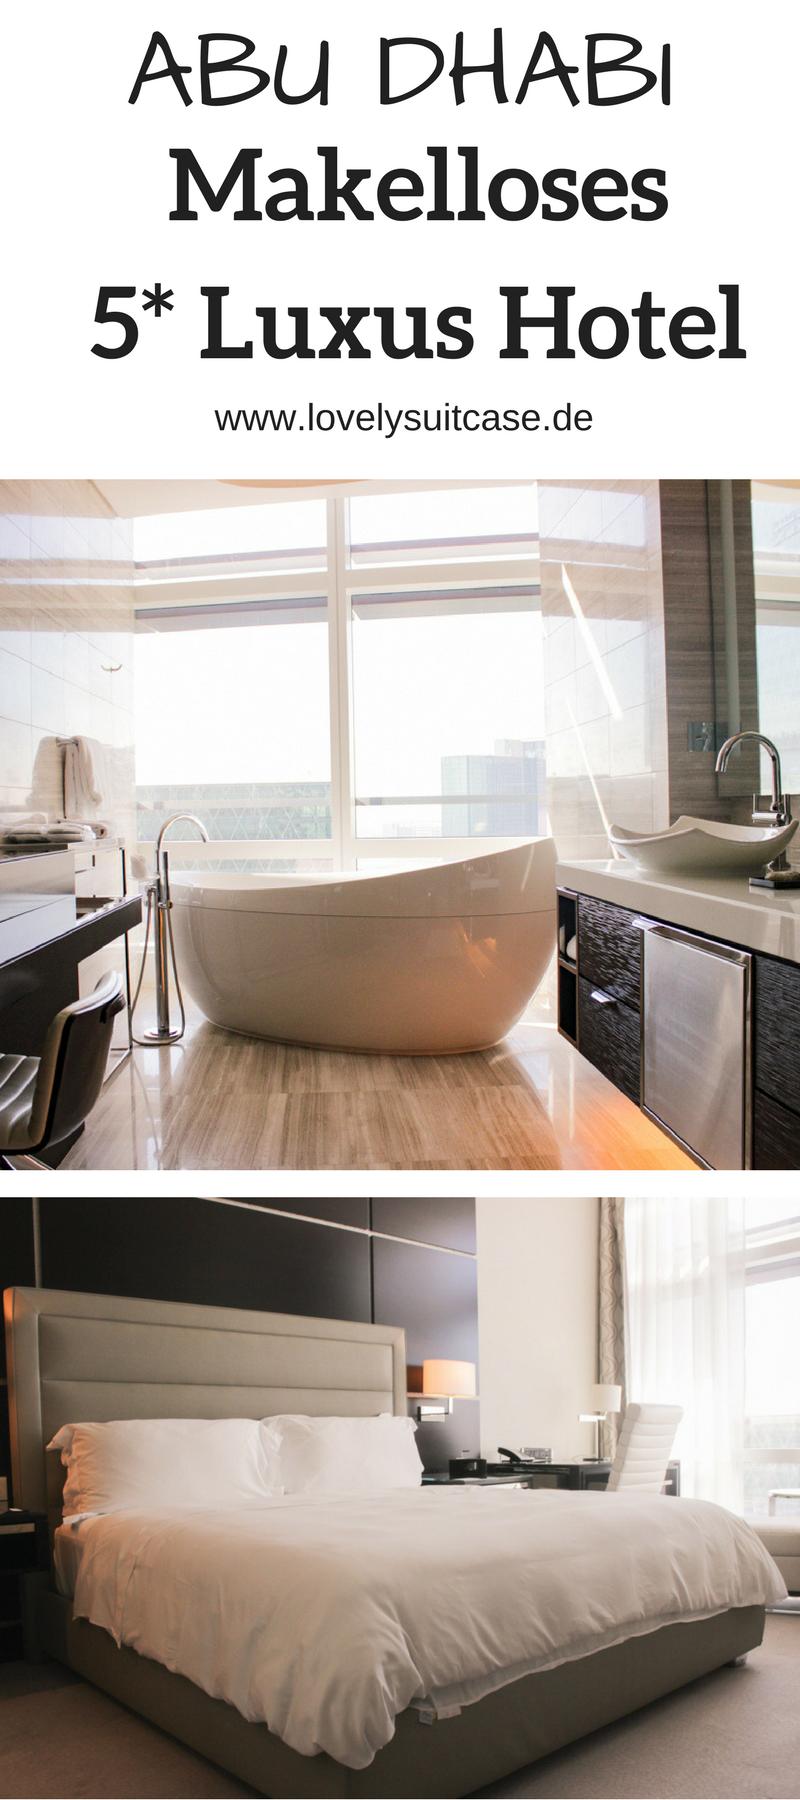 Hotelempfehlung Das Makellose Rosewood In Abu Dhabi Hotelausstattung Luxushotel Hotel